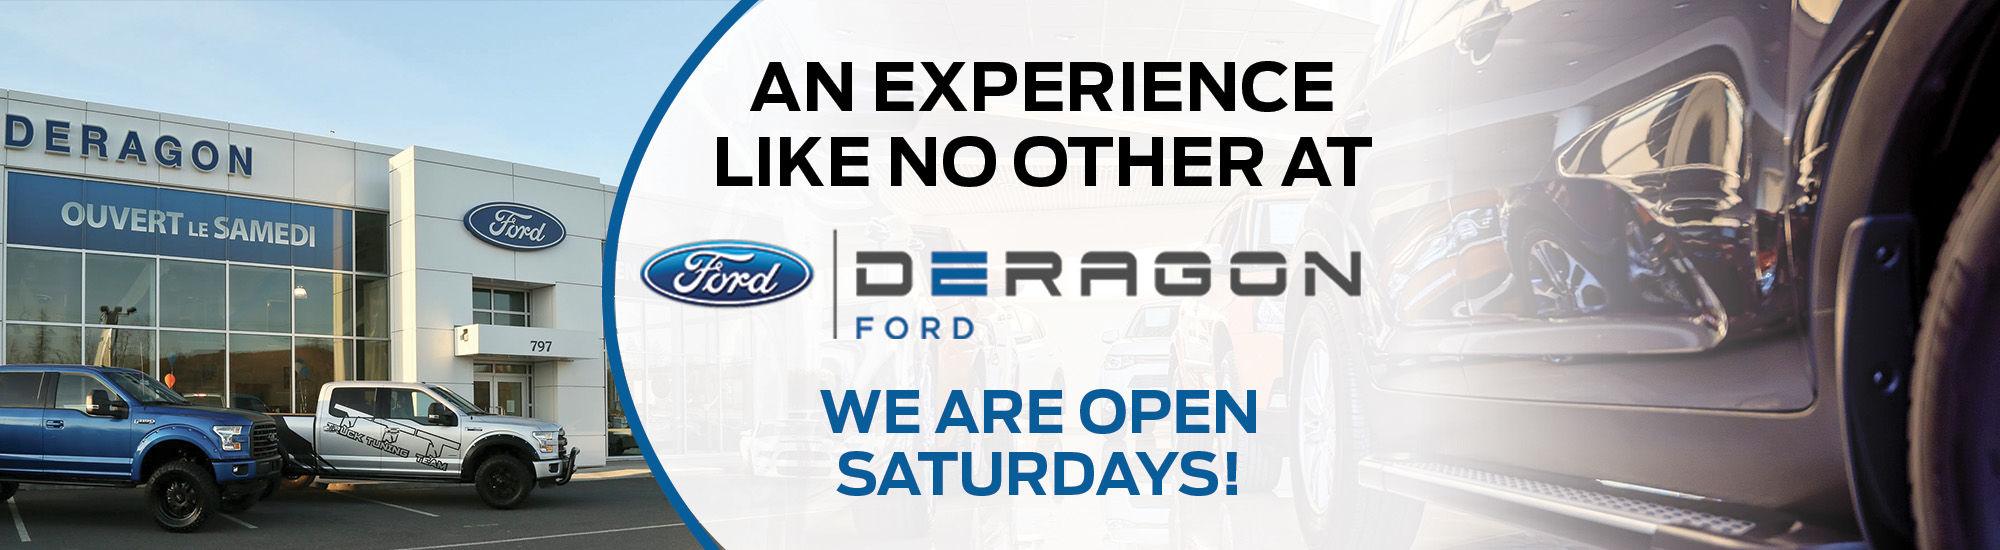 Deragon Ford Ford Dealer In Cowansville